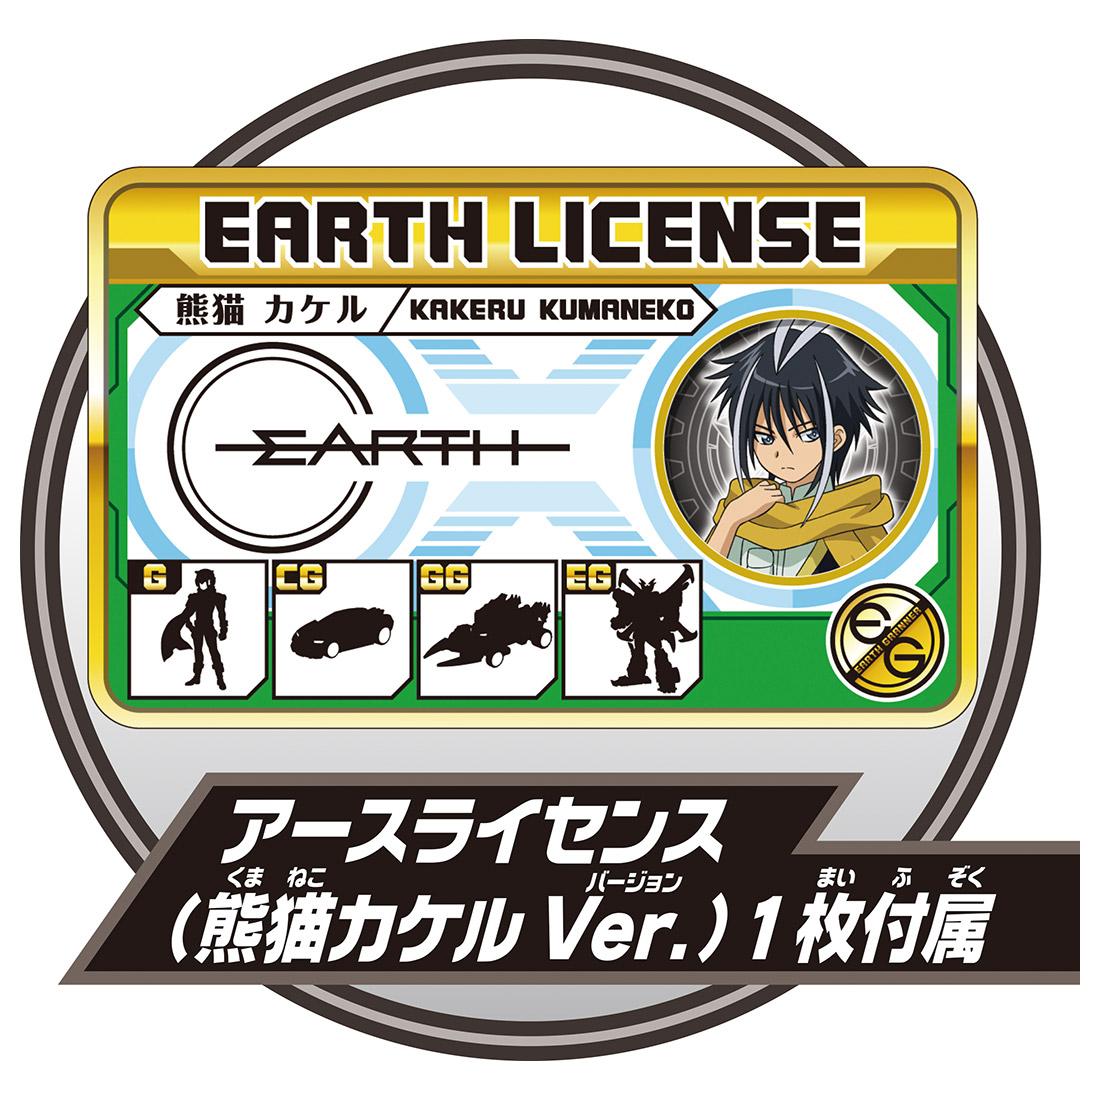 トミカ絆合体 アースグランナー『EG03 アースグランナーサーベルパンサー』可変合体フィギュア-007